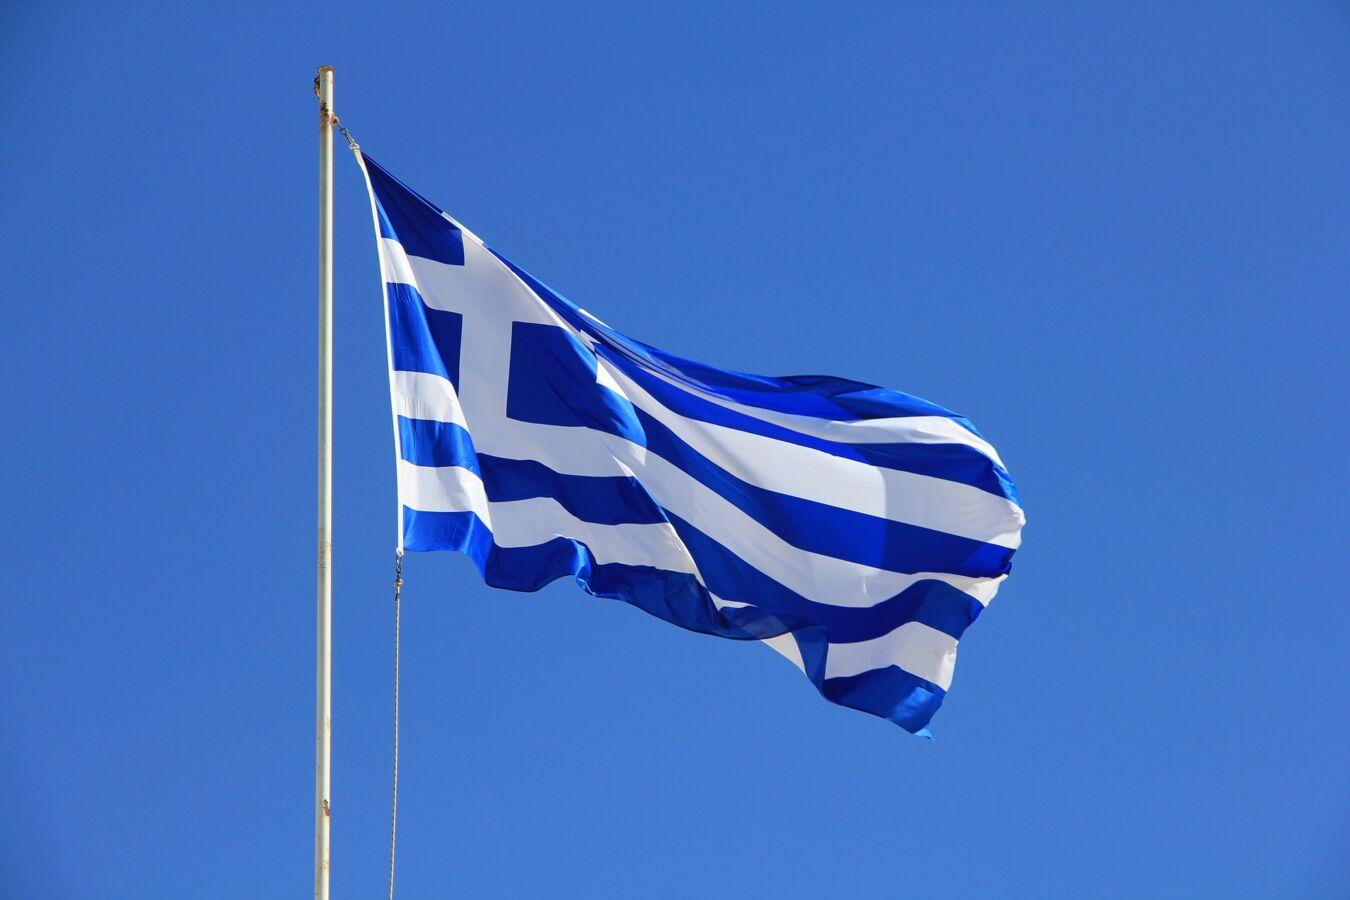 flag-823608_1920